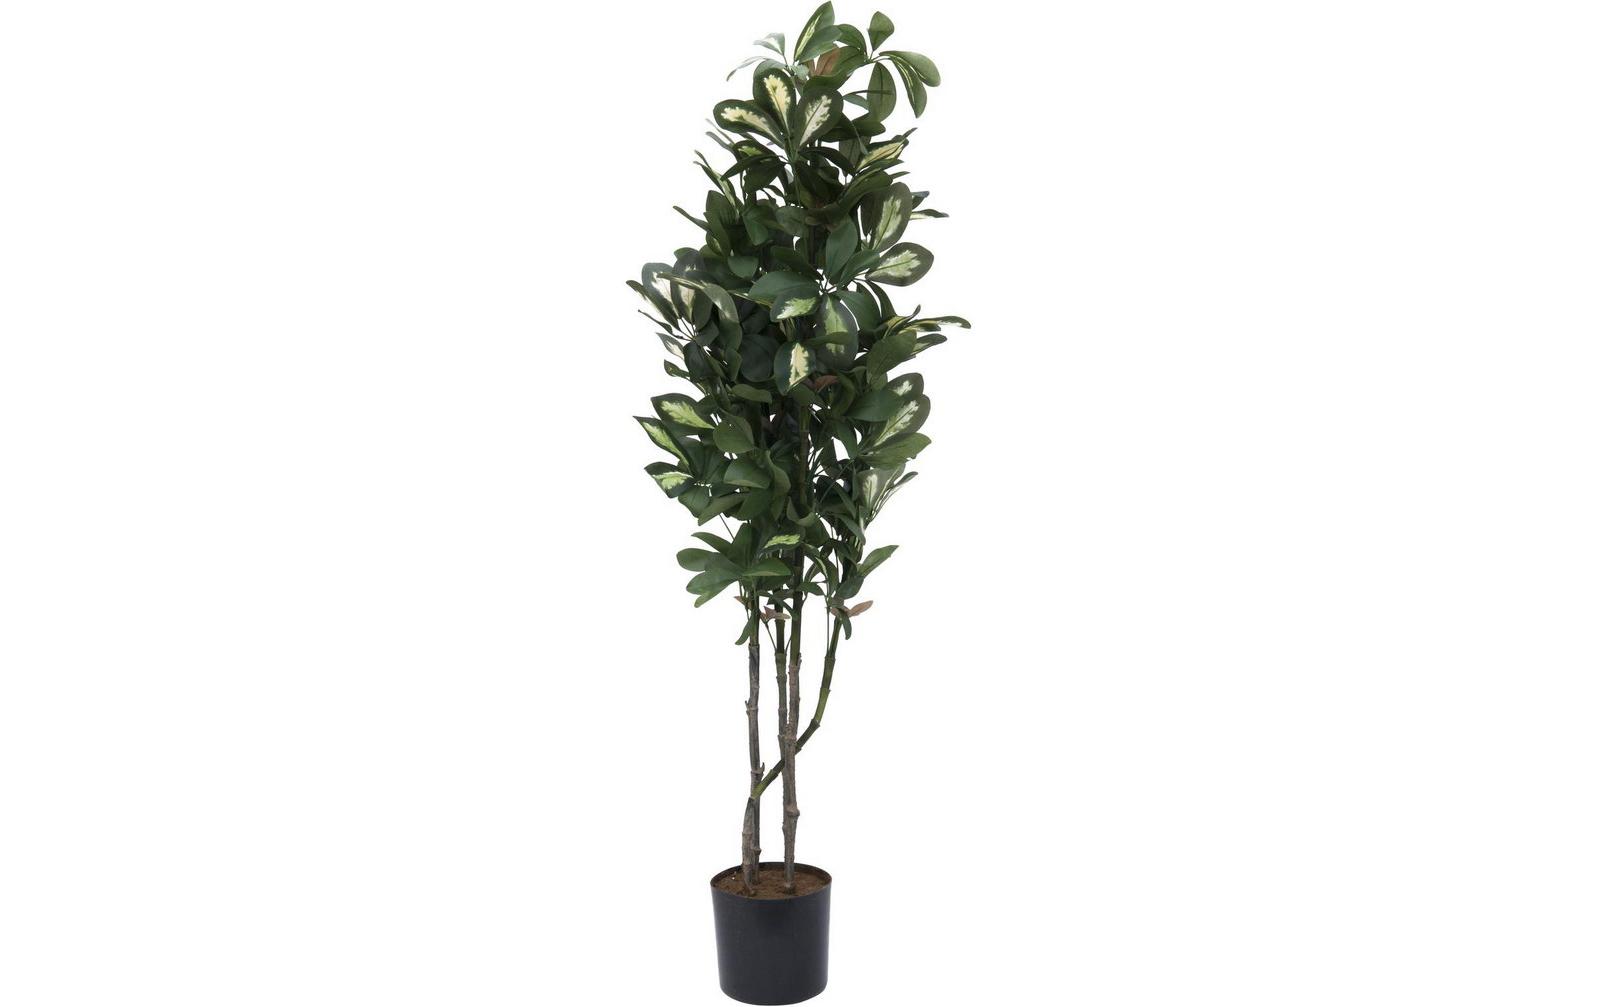 europalms-schefflera-120cm-kunststoffpflanze